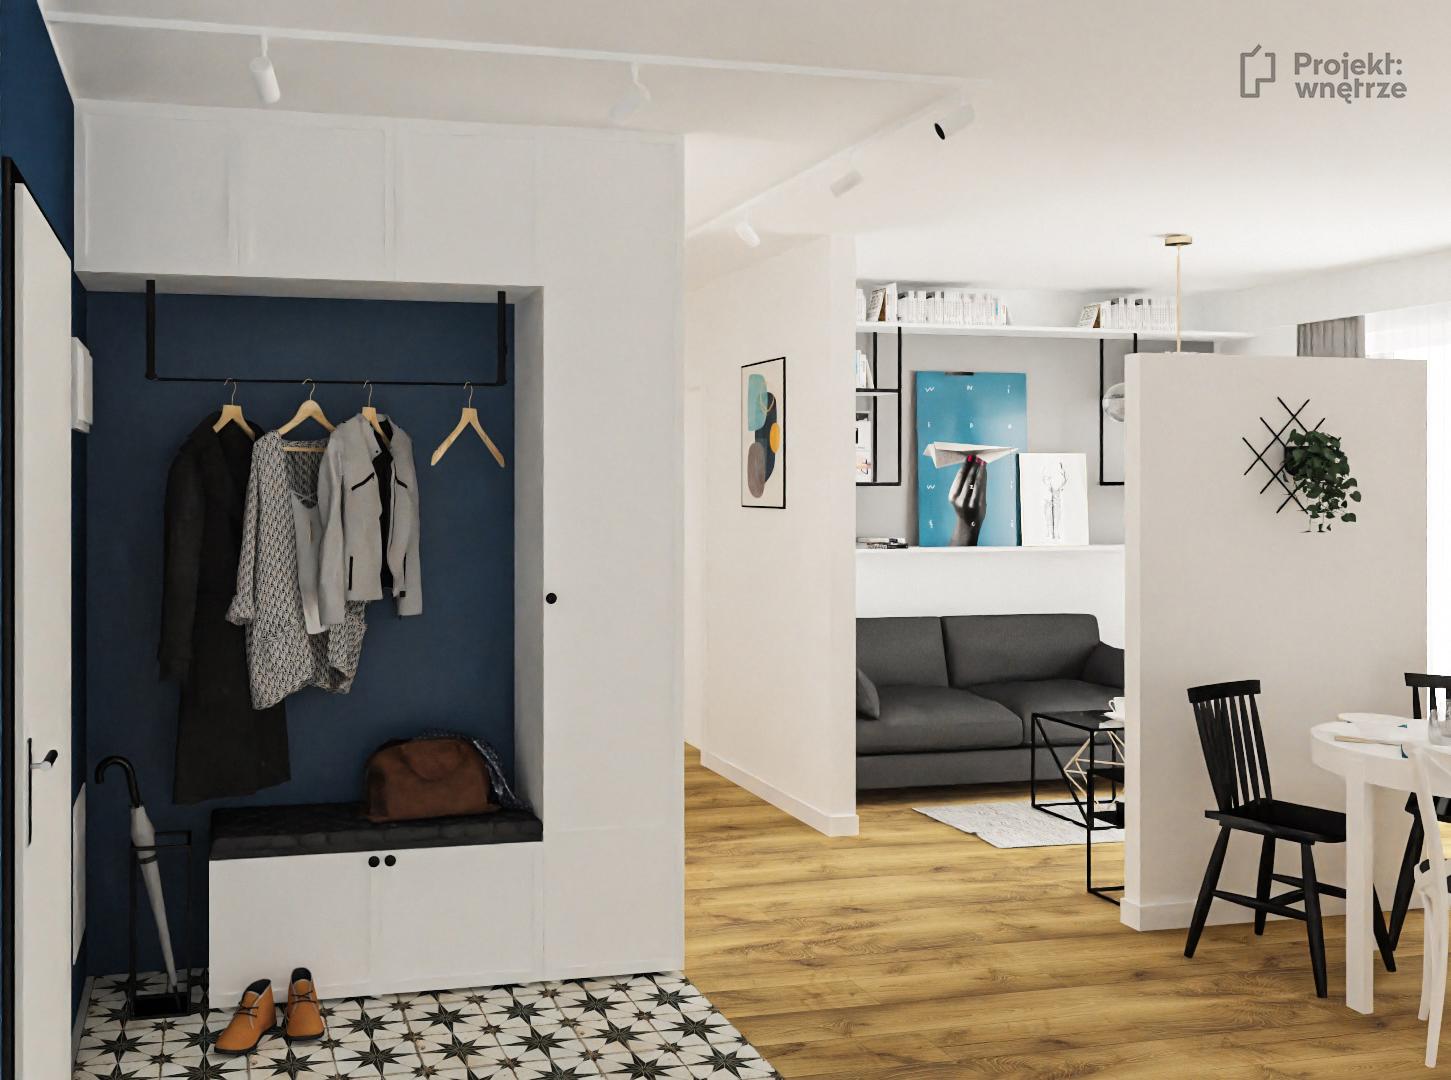 Projekt wnętrze projekt mieszkania nowoczesne 50m Warszawa szarość biel drewno niebieski - projektant wnętrz Warszawa www.projektwnetrze.com.pl